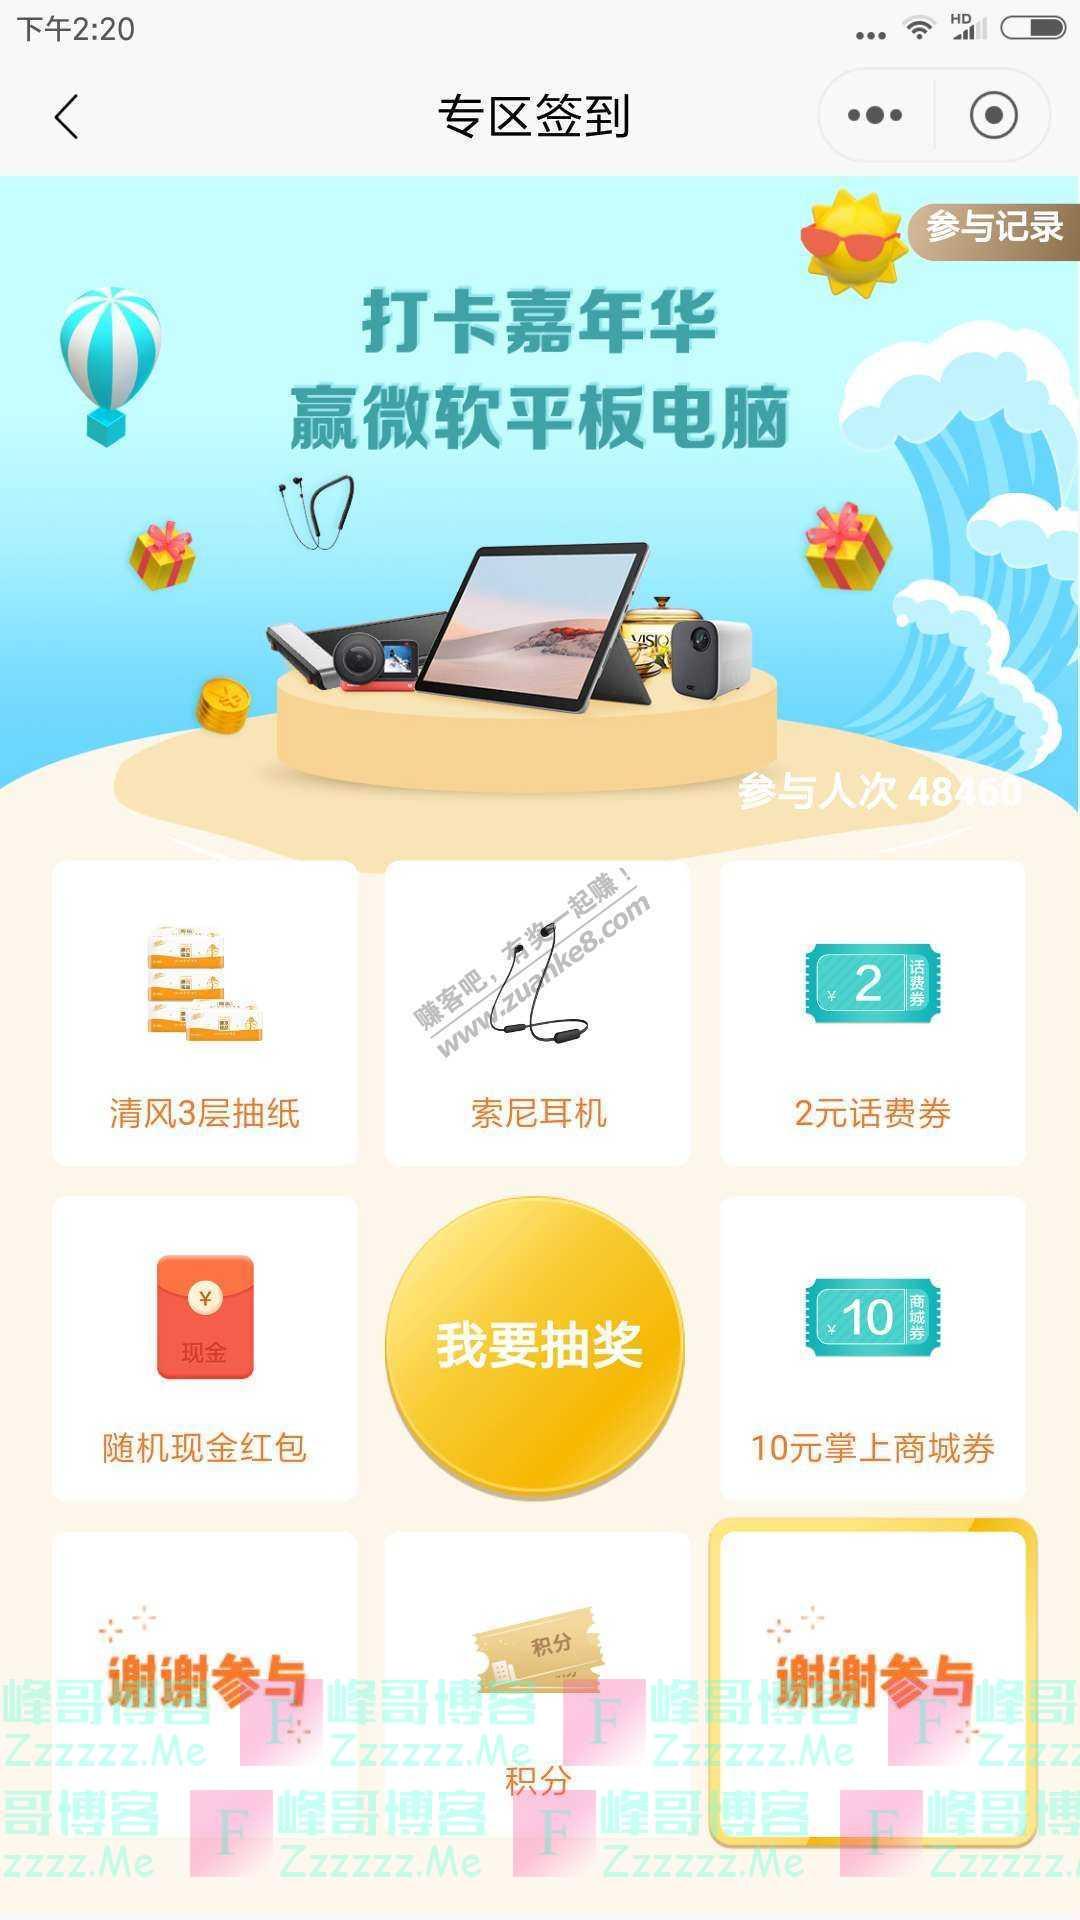 招商银行app打卡嘉年华赢微软平板电脑(10月31日截止)